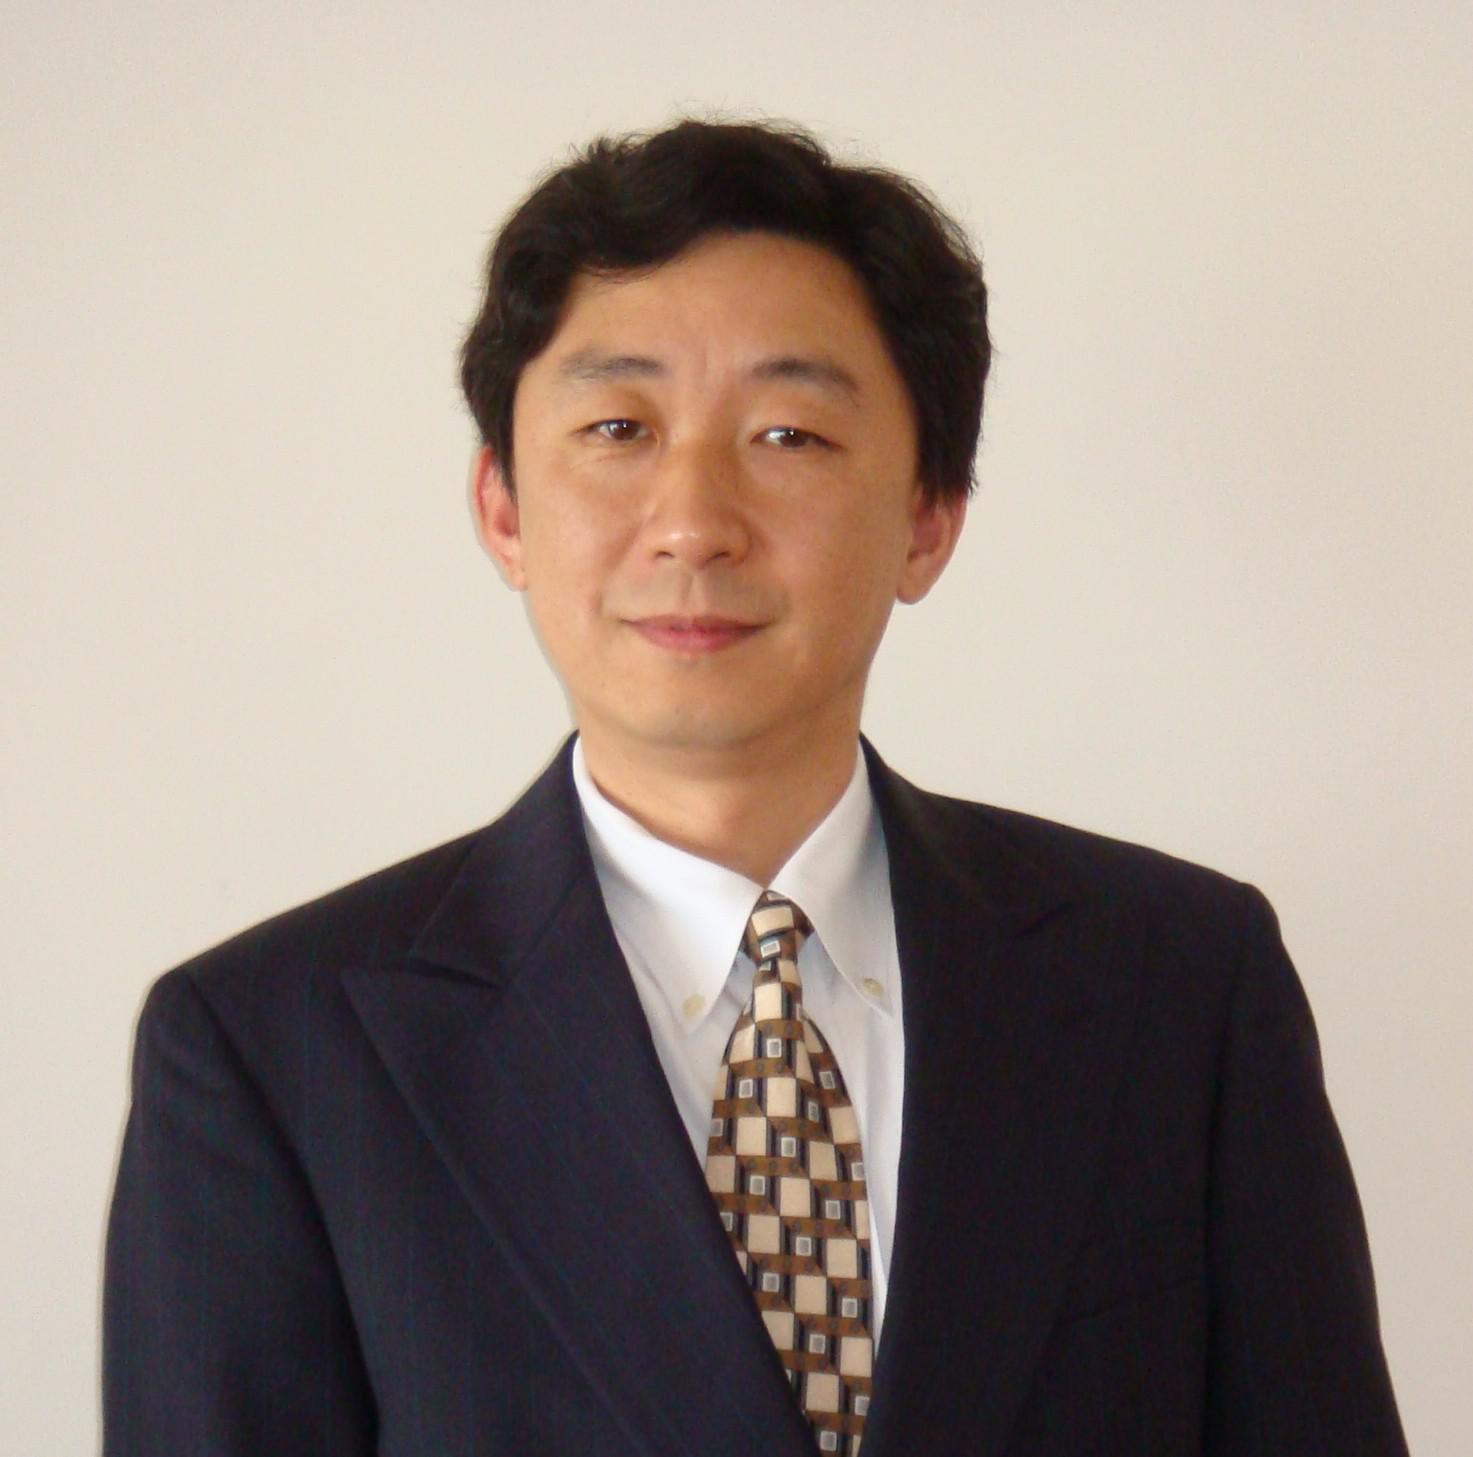 亚洲本土对冲基金 Dymon Asia 资本公司集团 总裁罗佳斌 照片